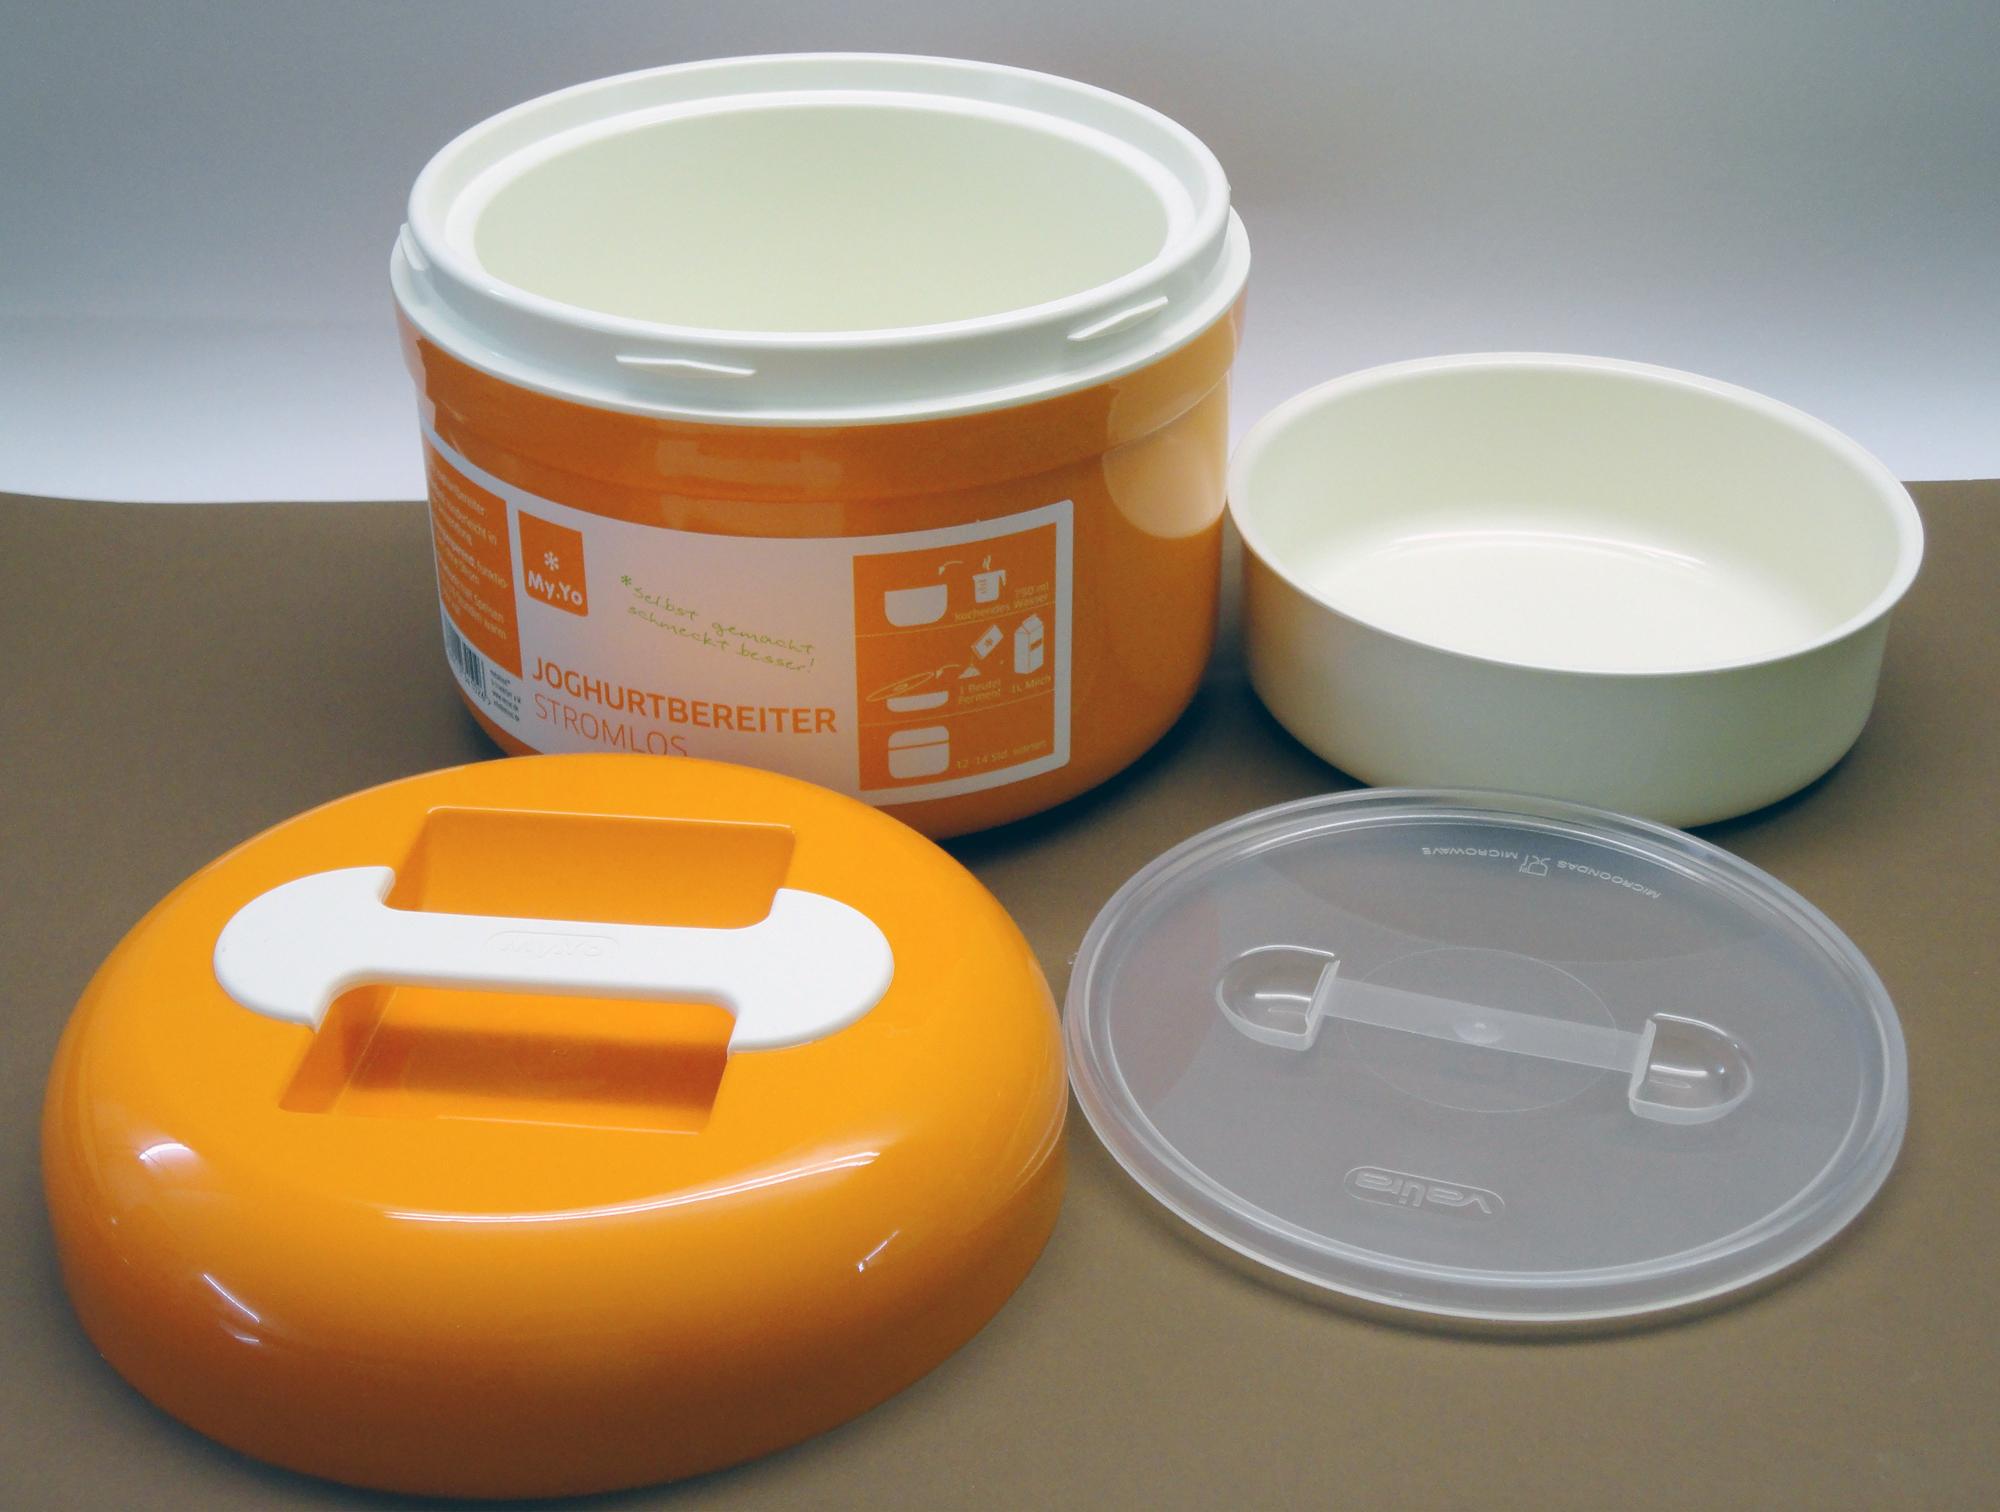 my yo joghurtbereiter joghurtmaker joghurt und kefir milchkefir selber machen warmhalten. Black Bedroom Furniture Sets. Home Design Ideas